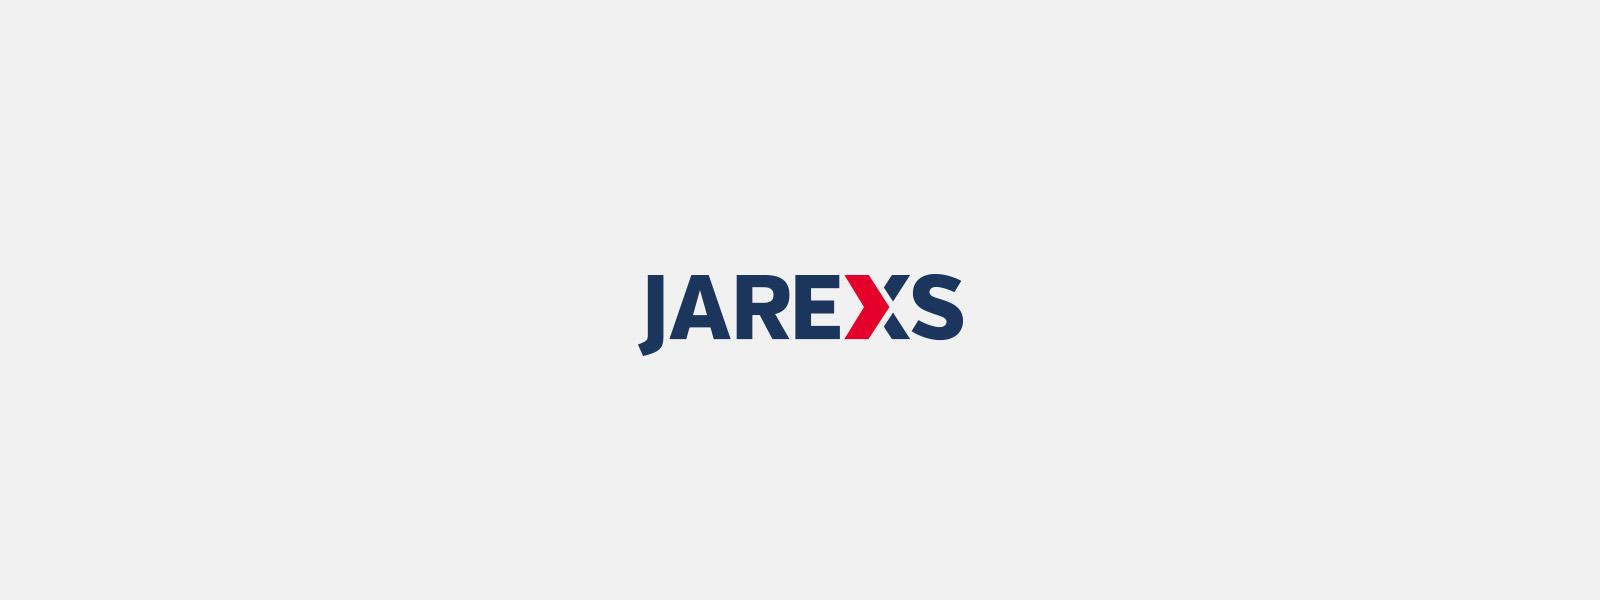 jarexs-logo_1.jpg